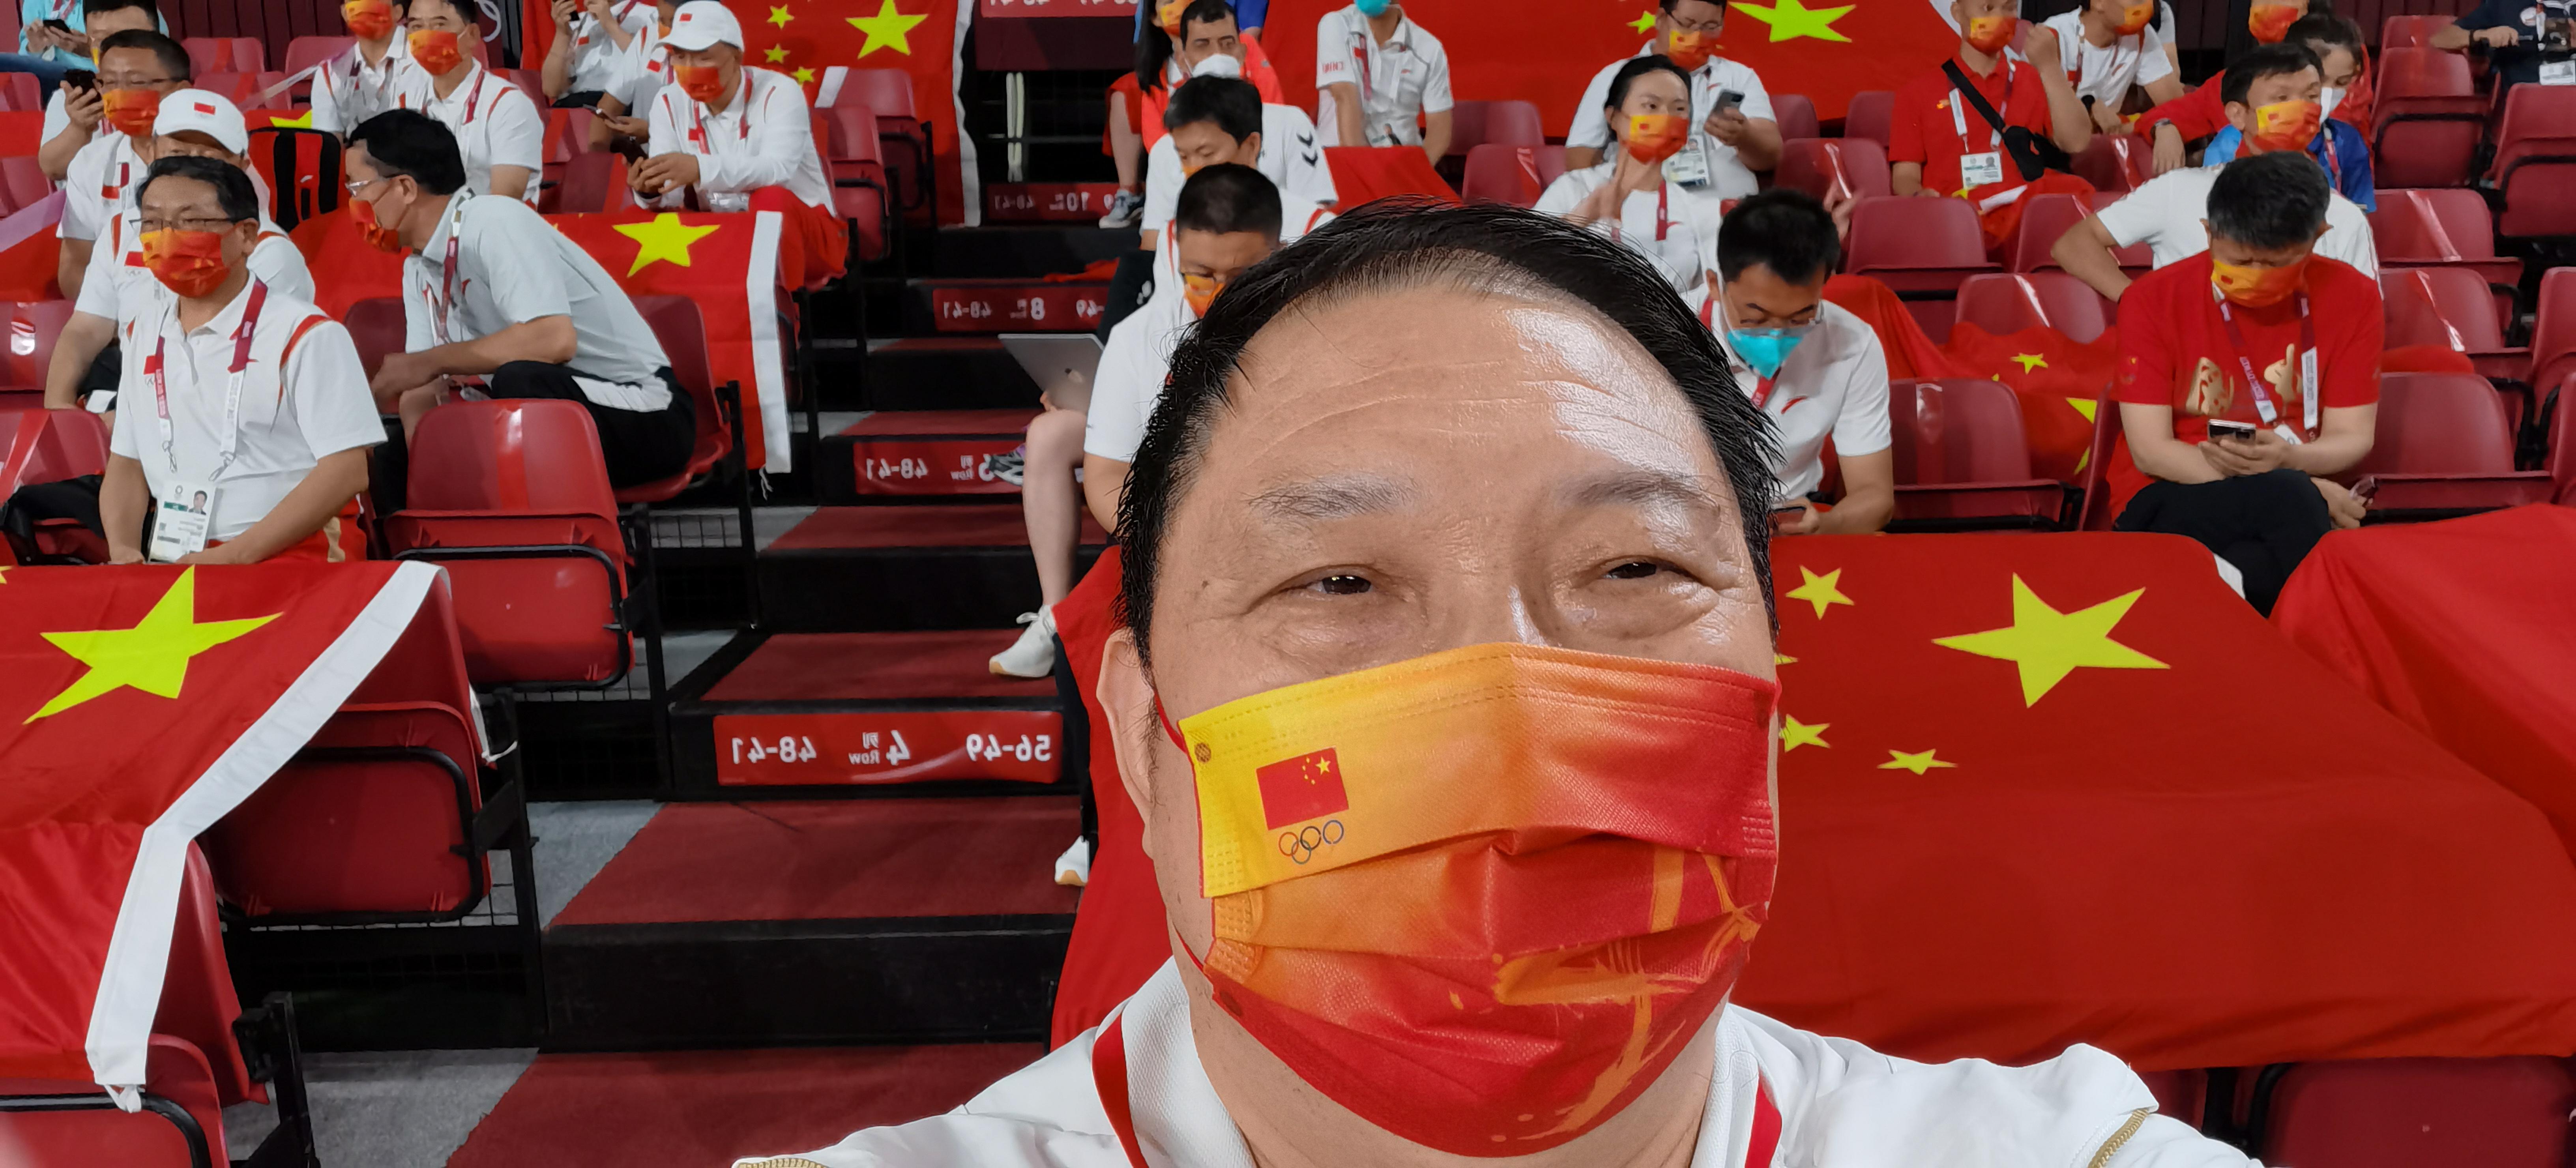 东京奥运会上的中国医生:既是守护者也是拉拉队员